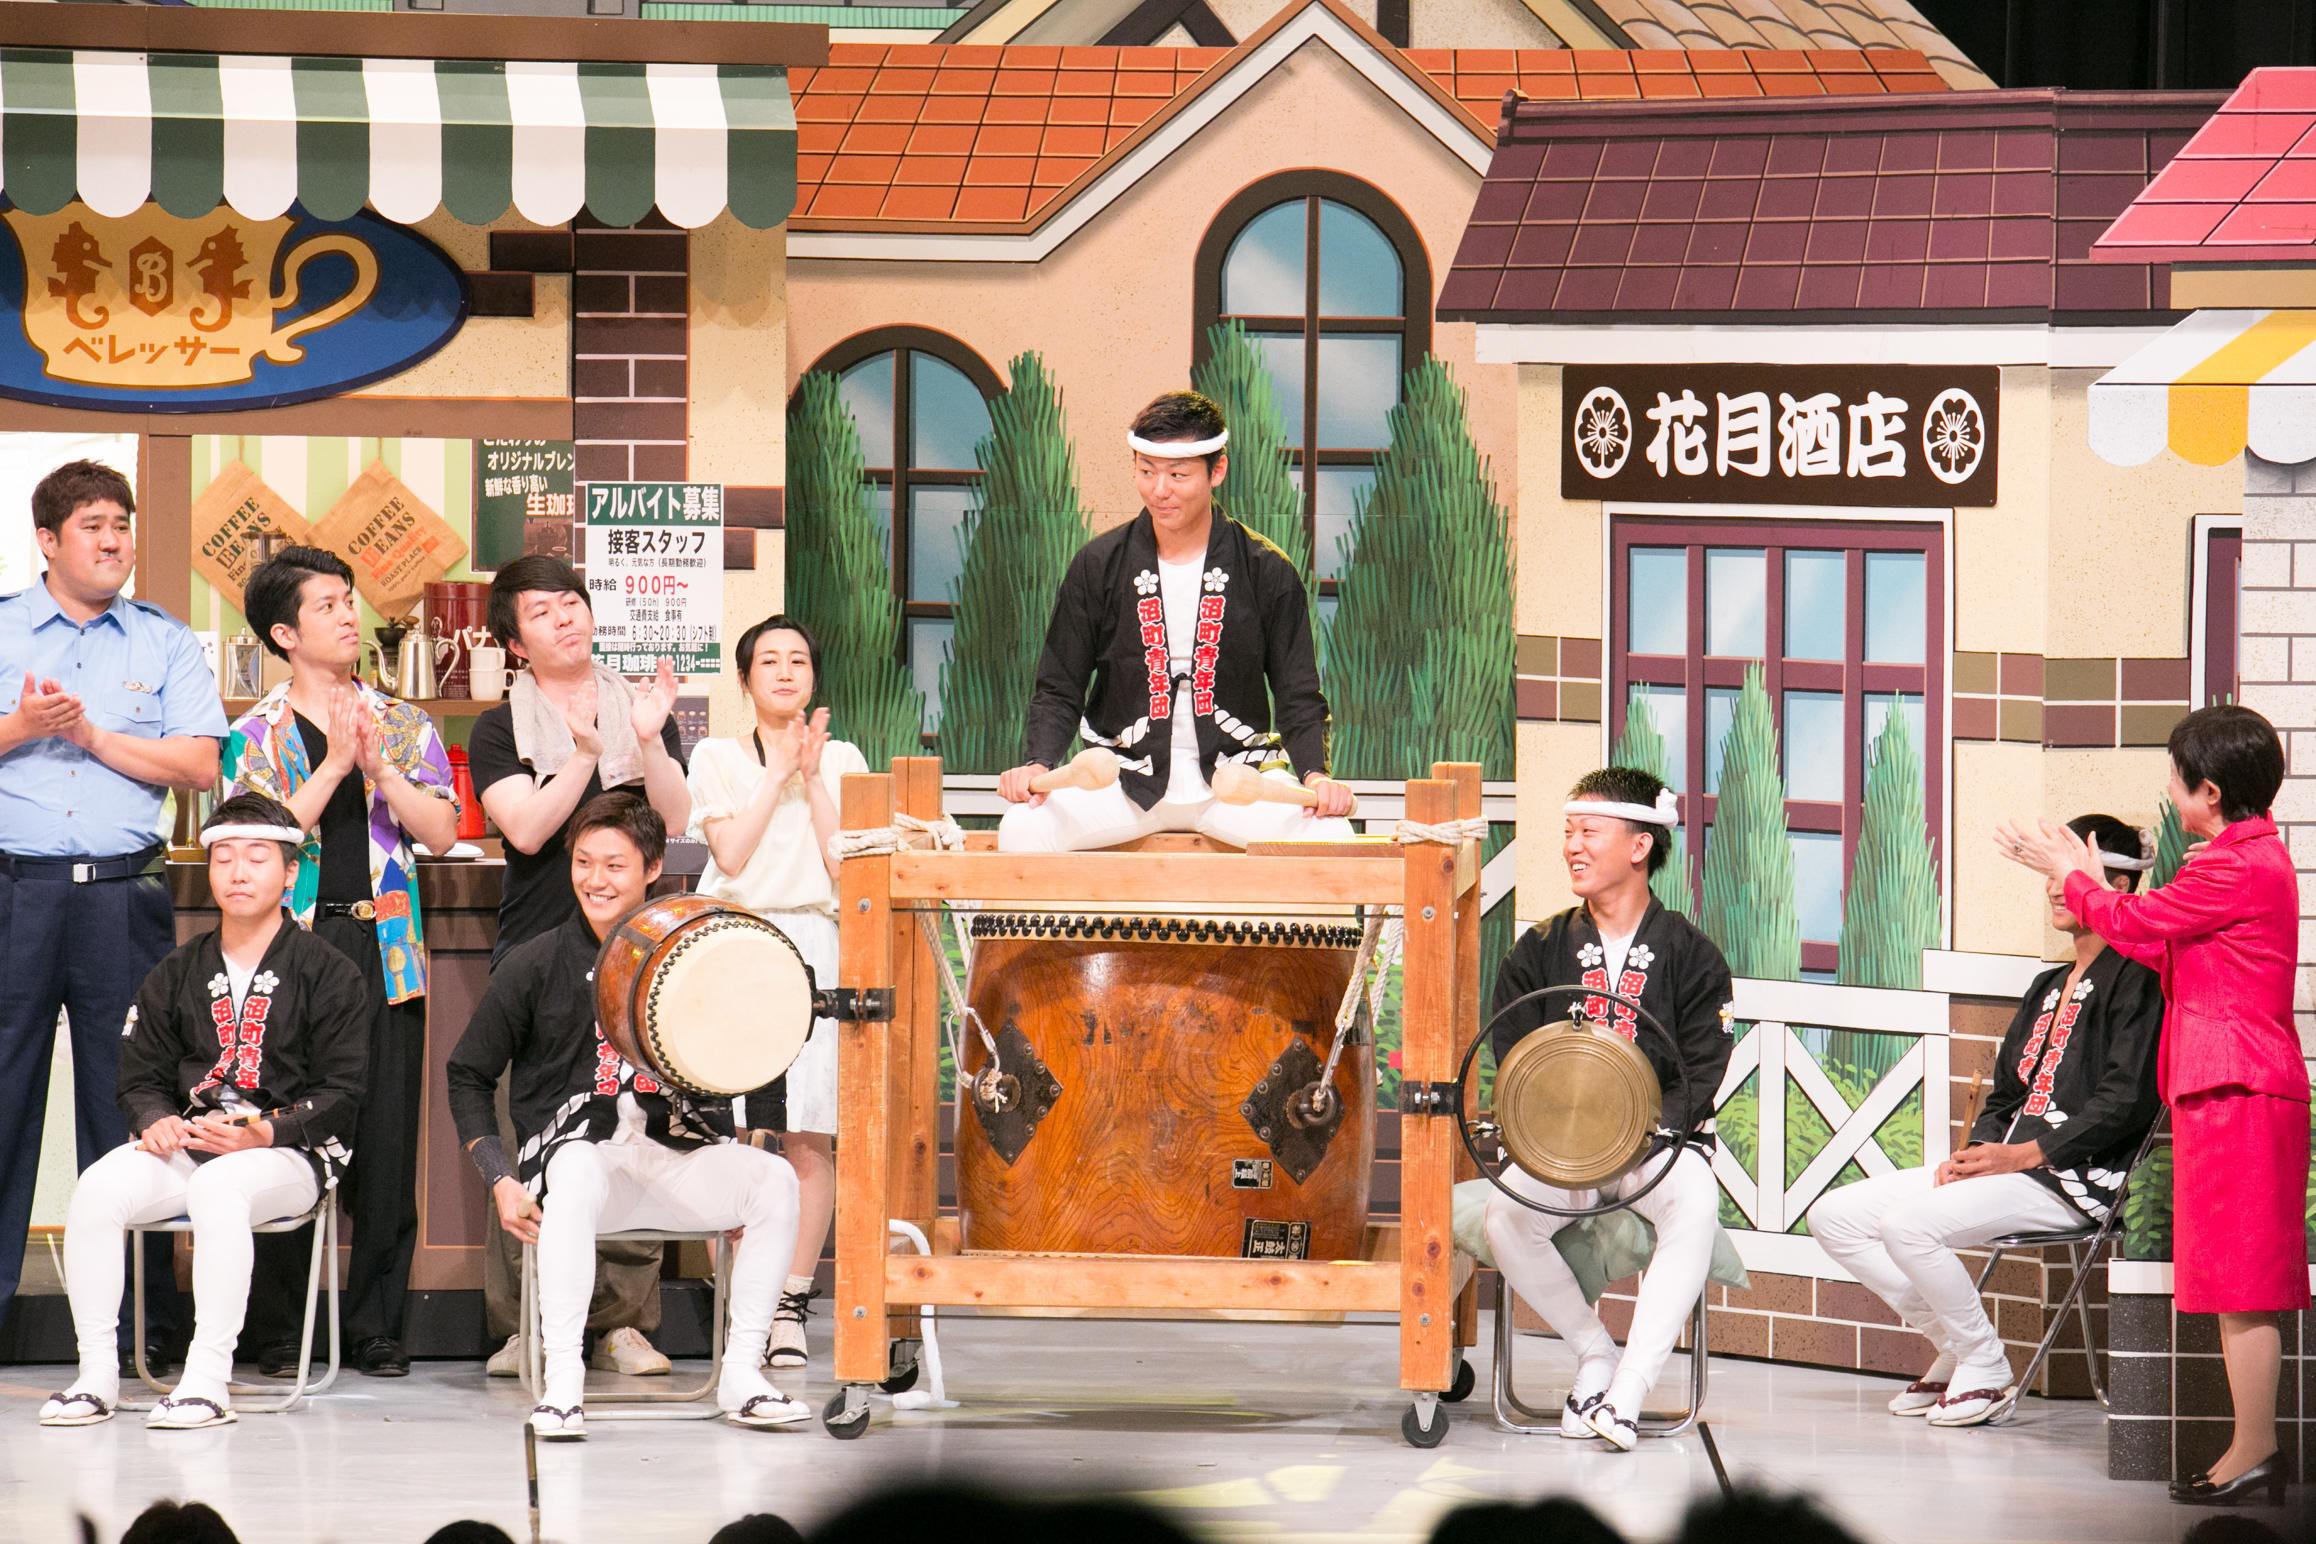 http://news.yoshimoto.co.jp/20170801190110-4a2d466a4d80b3025d59aab1e07d03145723bdc0.jpg